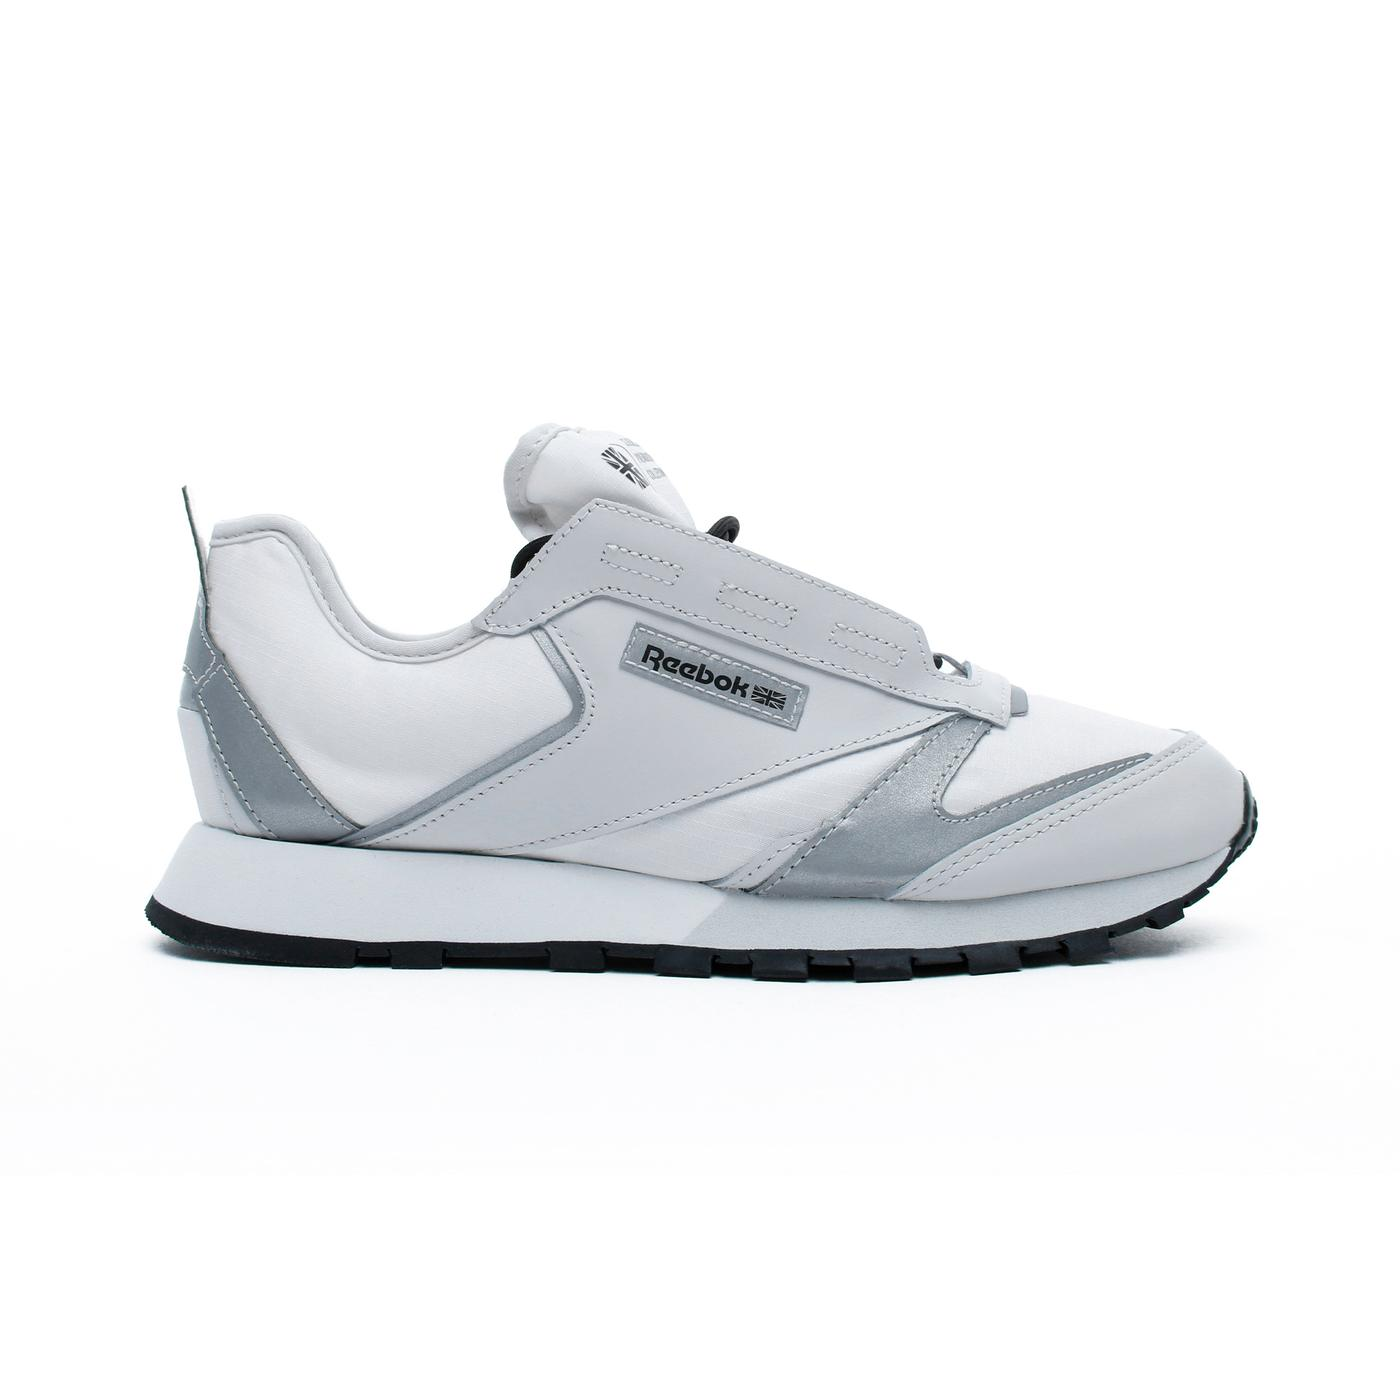 Reebok Classics Leather Premier Kadın Beyaz Spor Ayakkabı